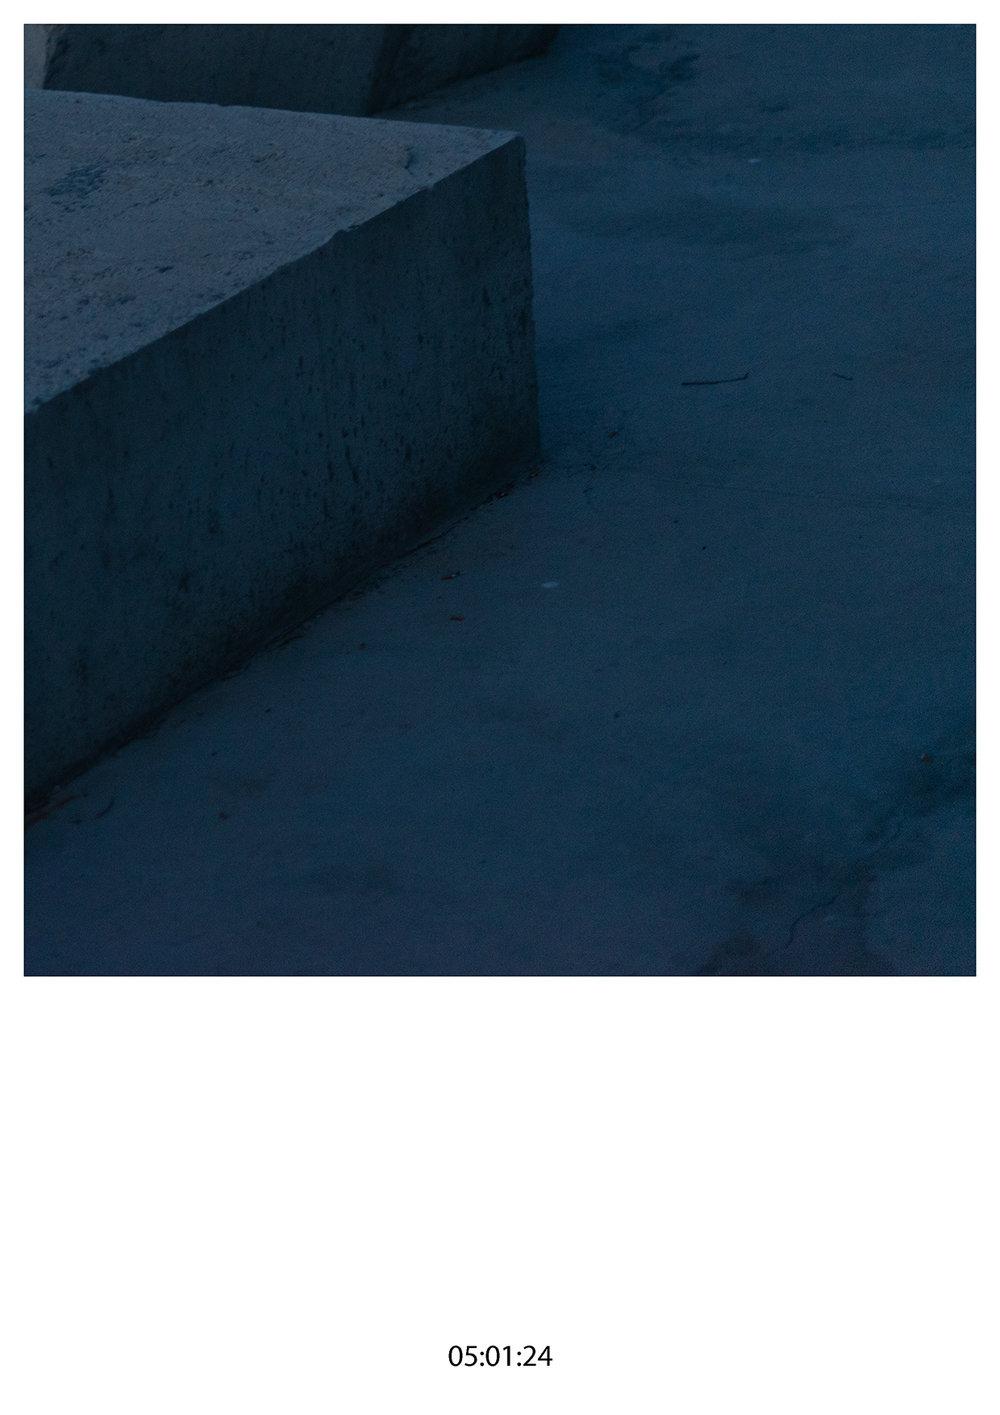 6_Amanecer.jpg